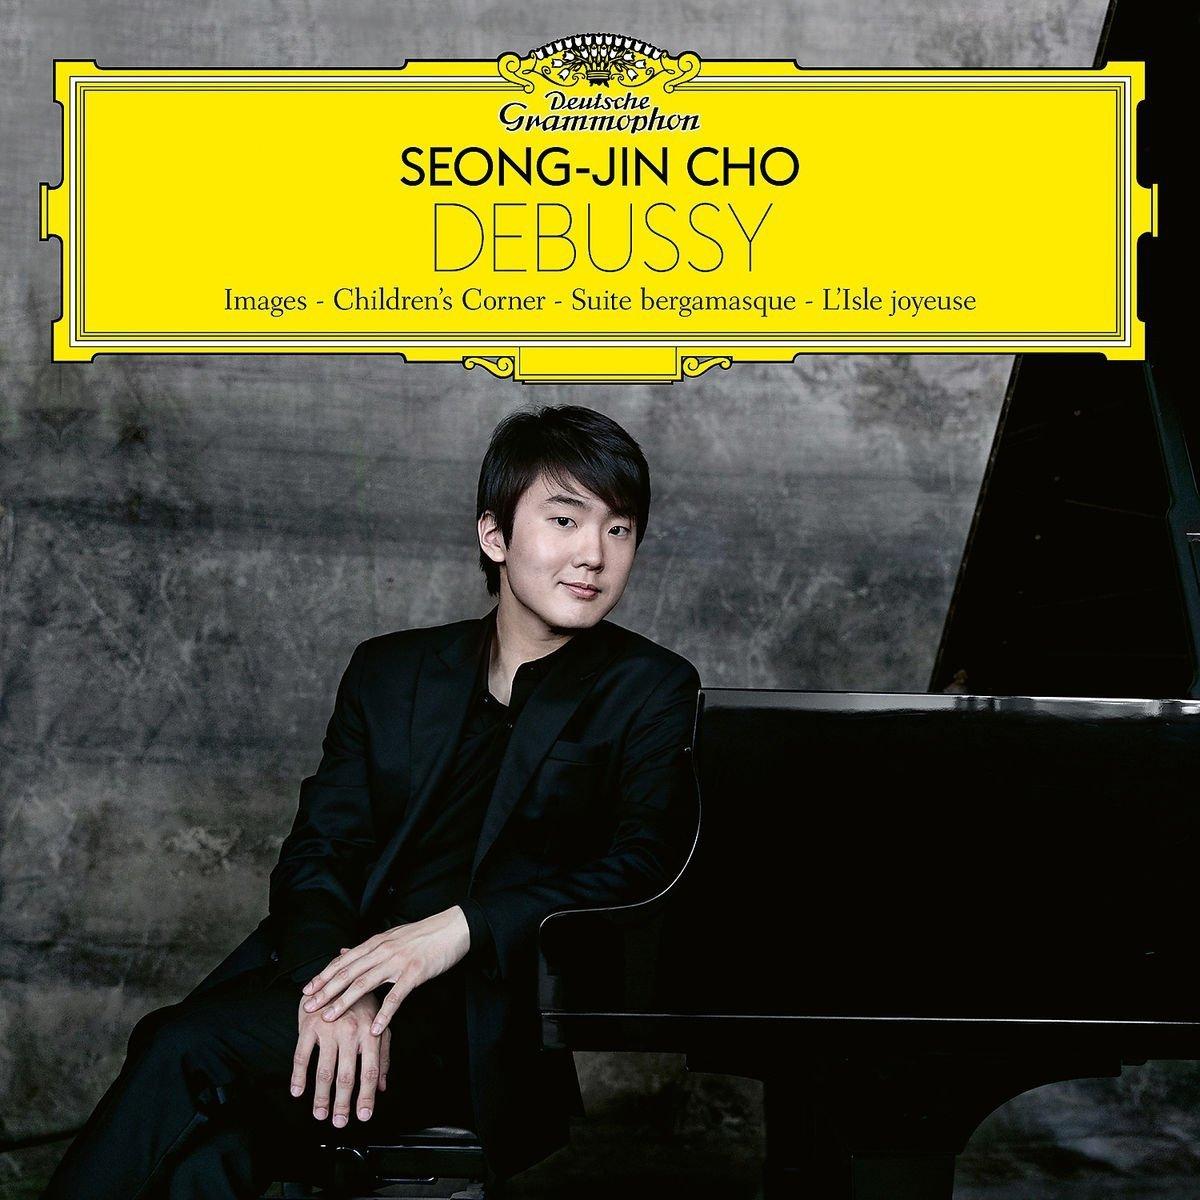 Vinilo : Seong-Jin Cho - Debussy (2 Disc)